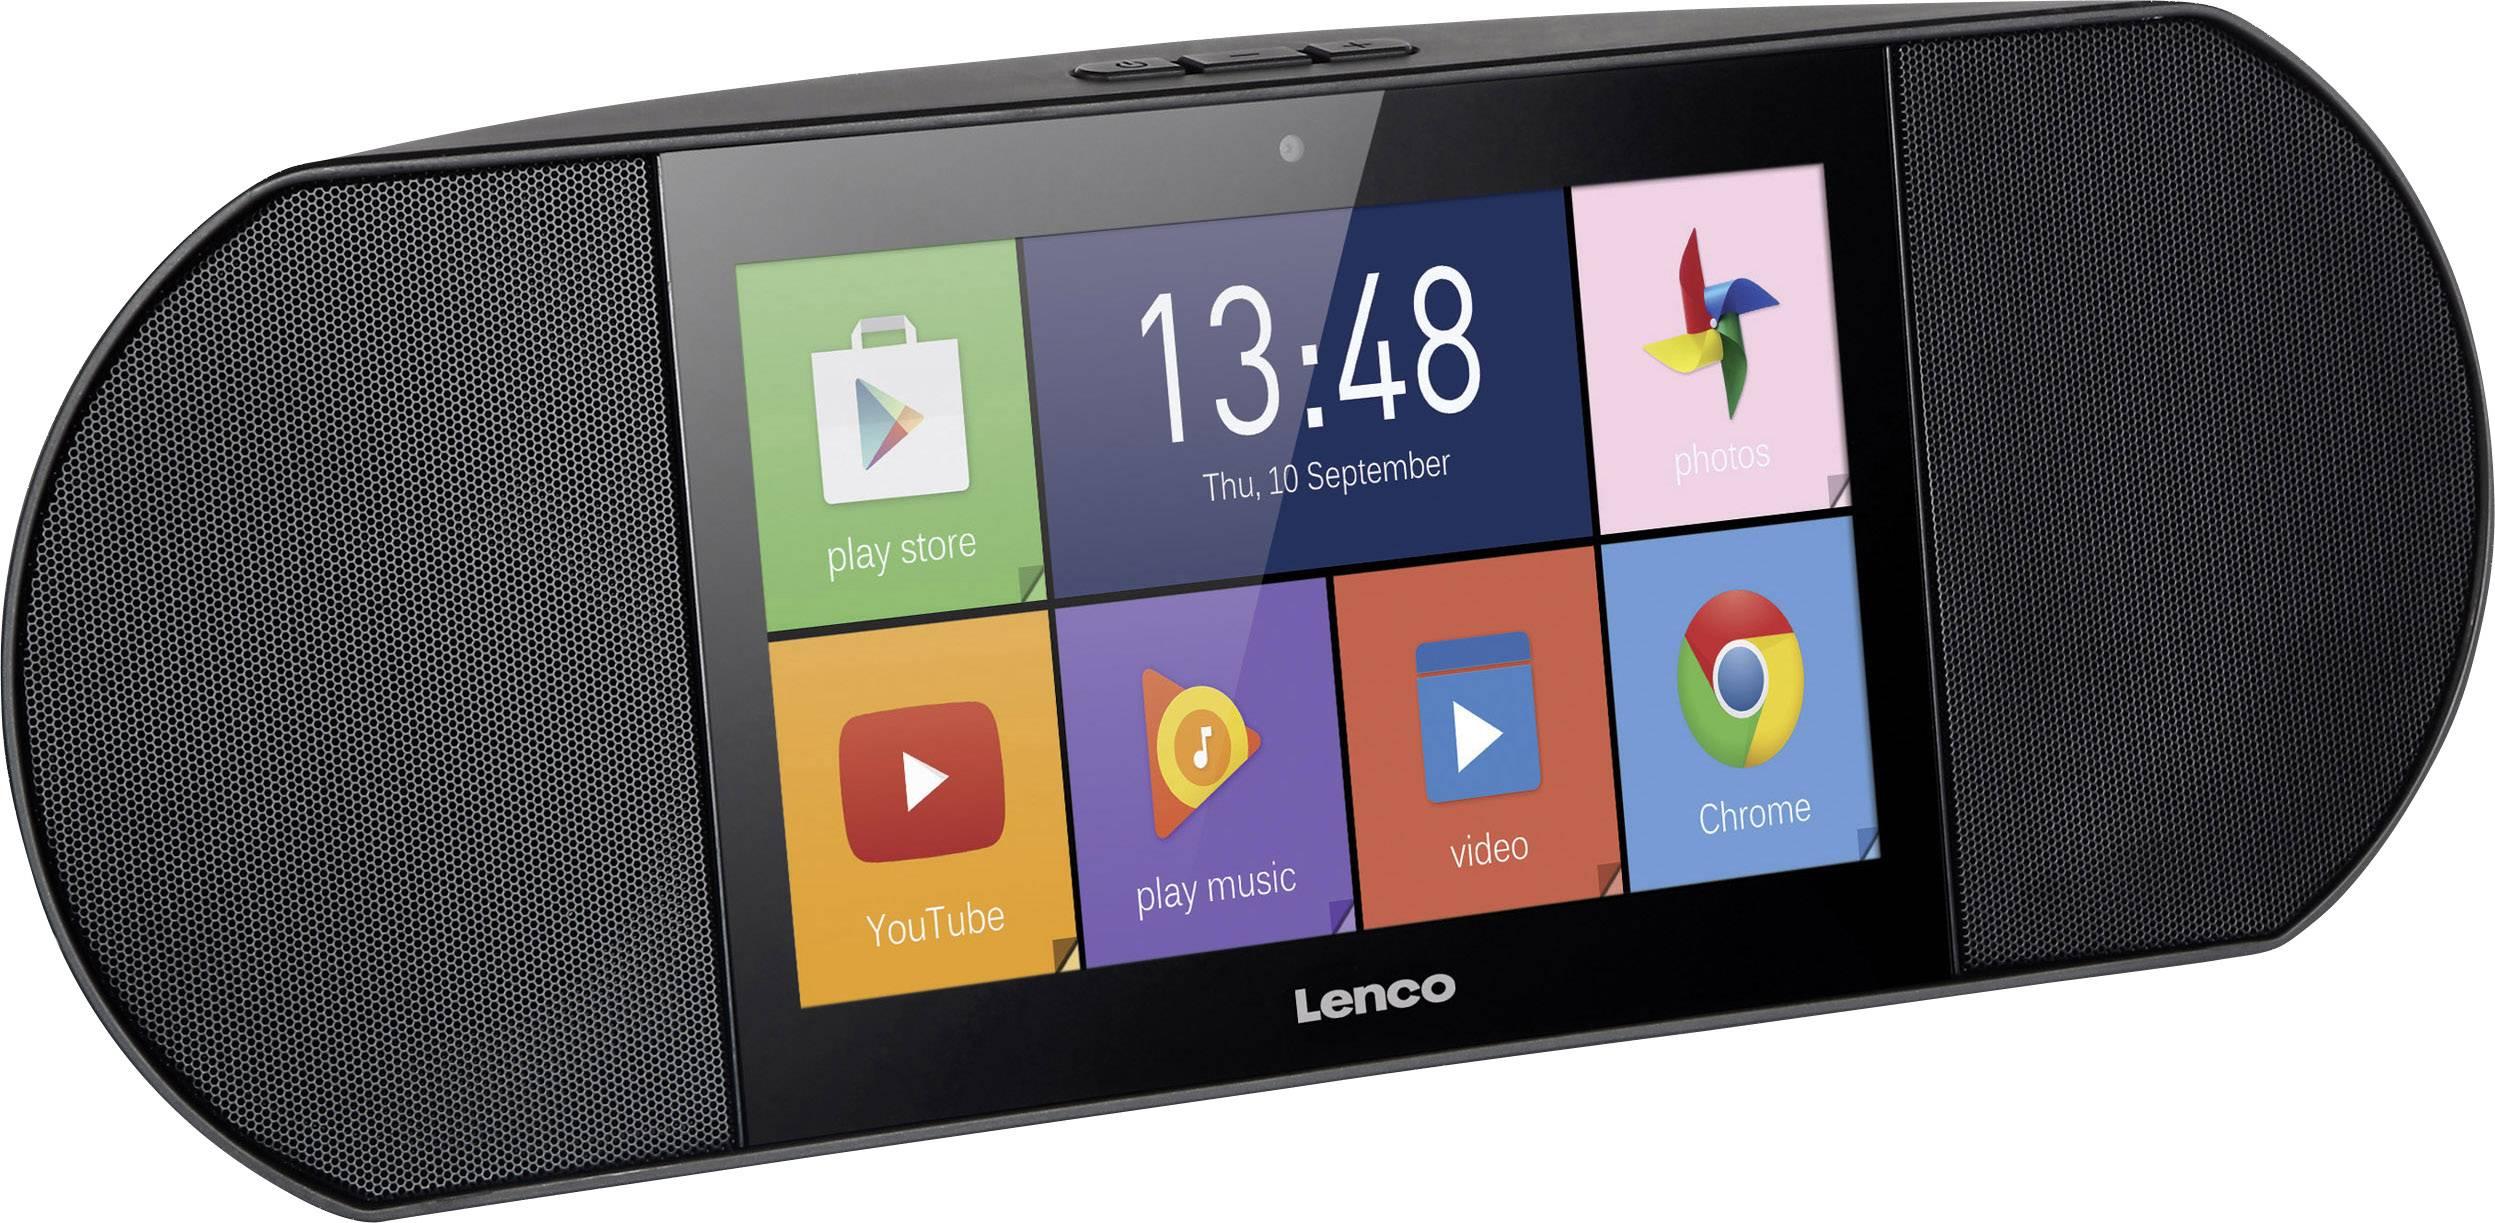 Multimediálne internetové rádio s dotykovým displejom Lenco Diverso-700GY, Wi-Fi, Android, čierna